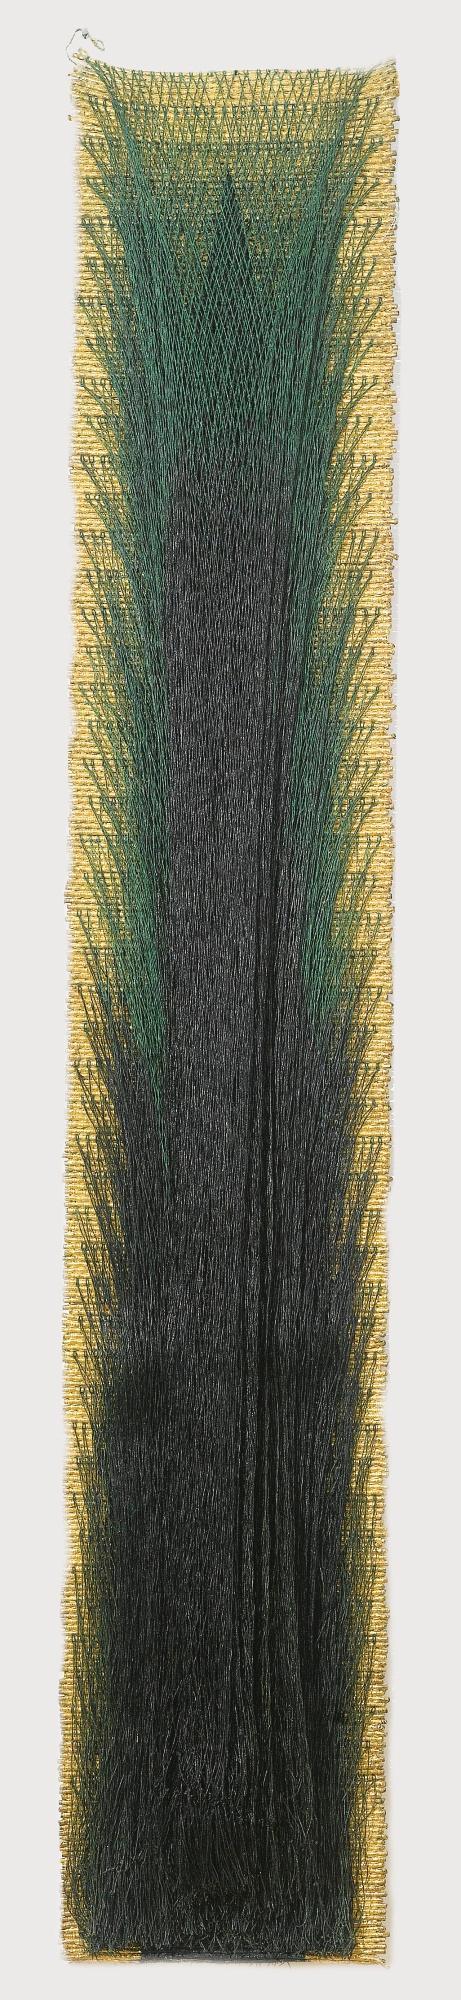 OLGA DE AMARAL<BR>(B.1932) | Lienzo ceremonial 11